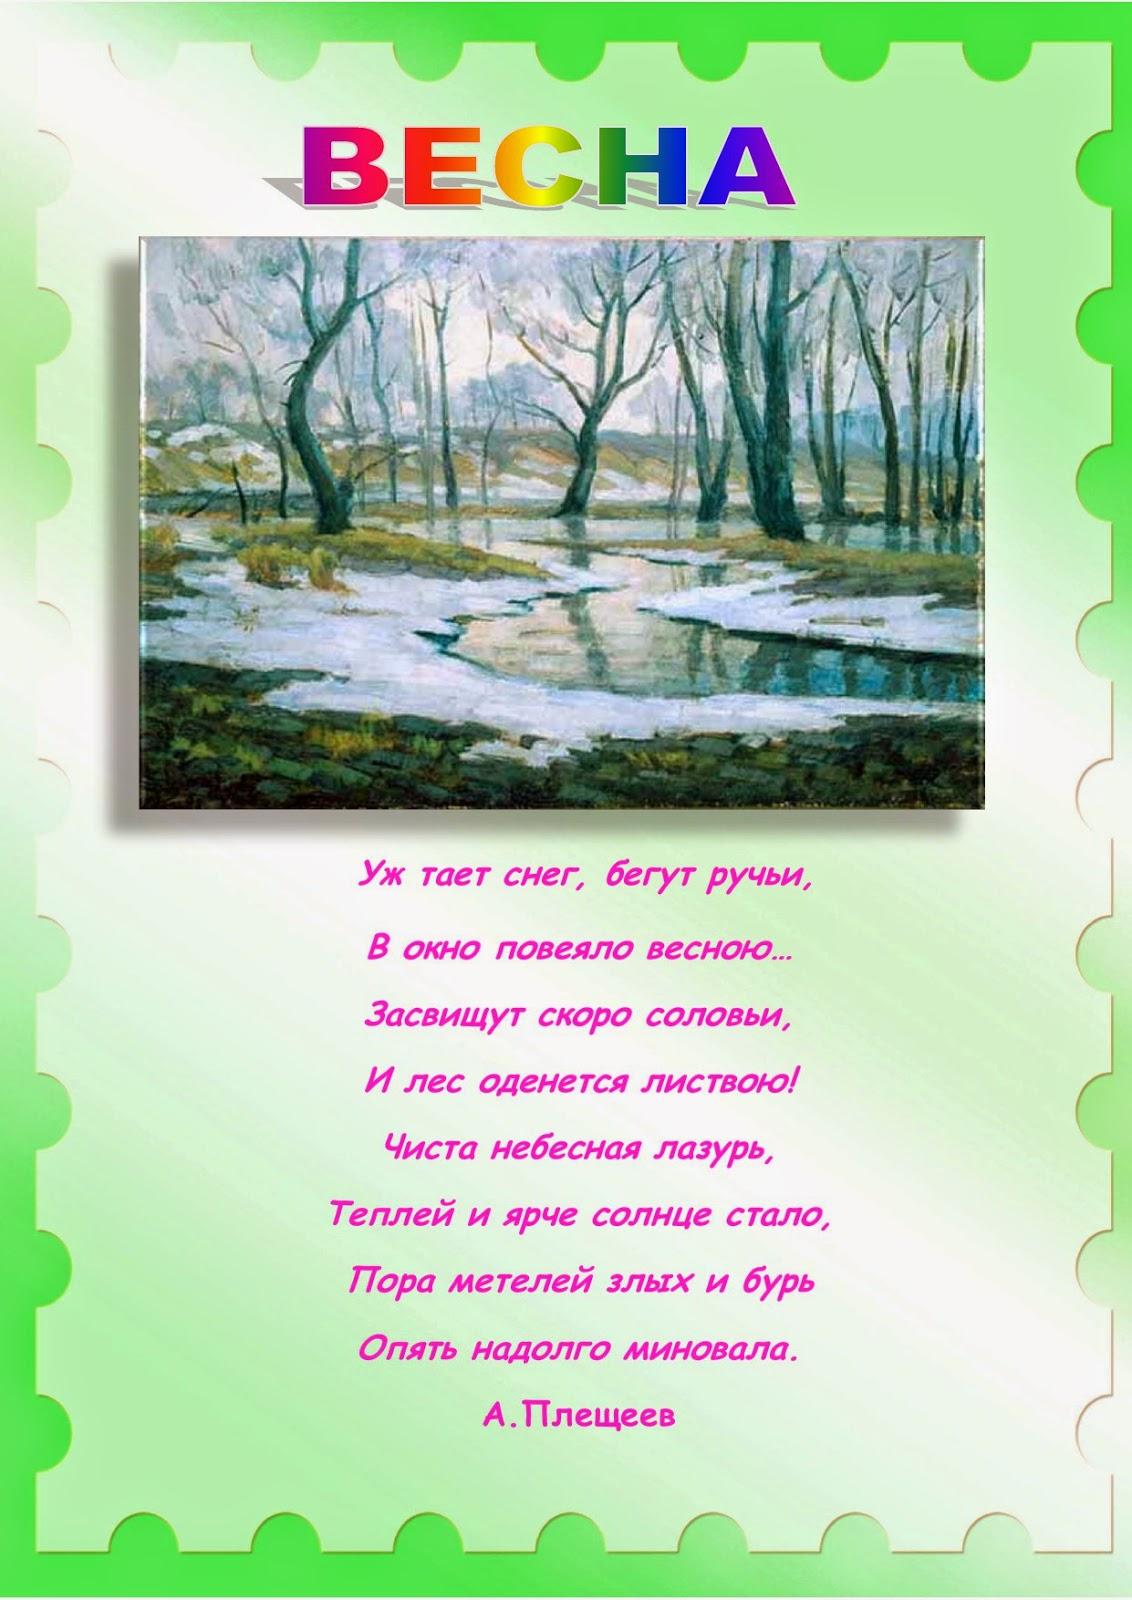 Стих для детского сада о весне